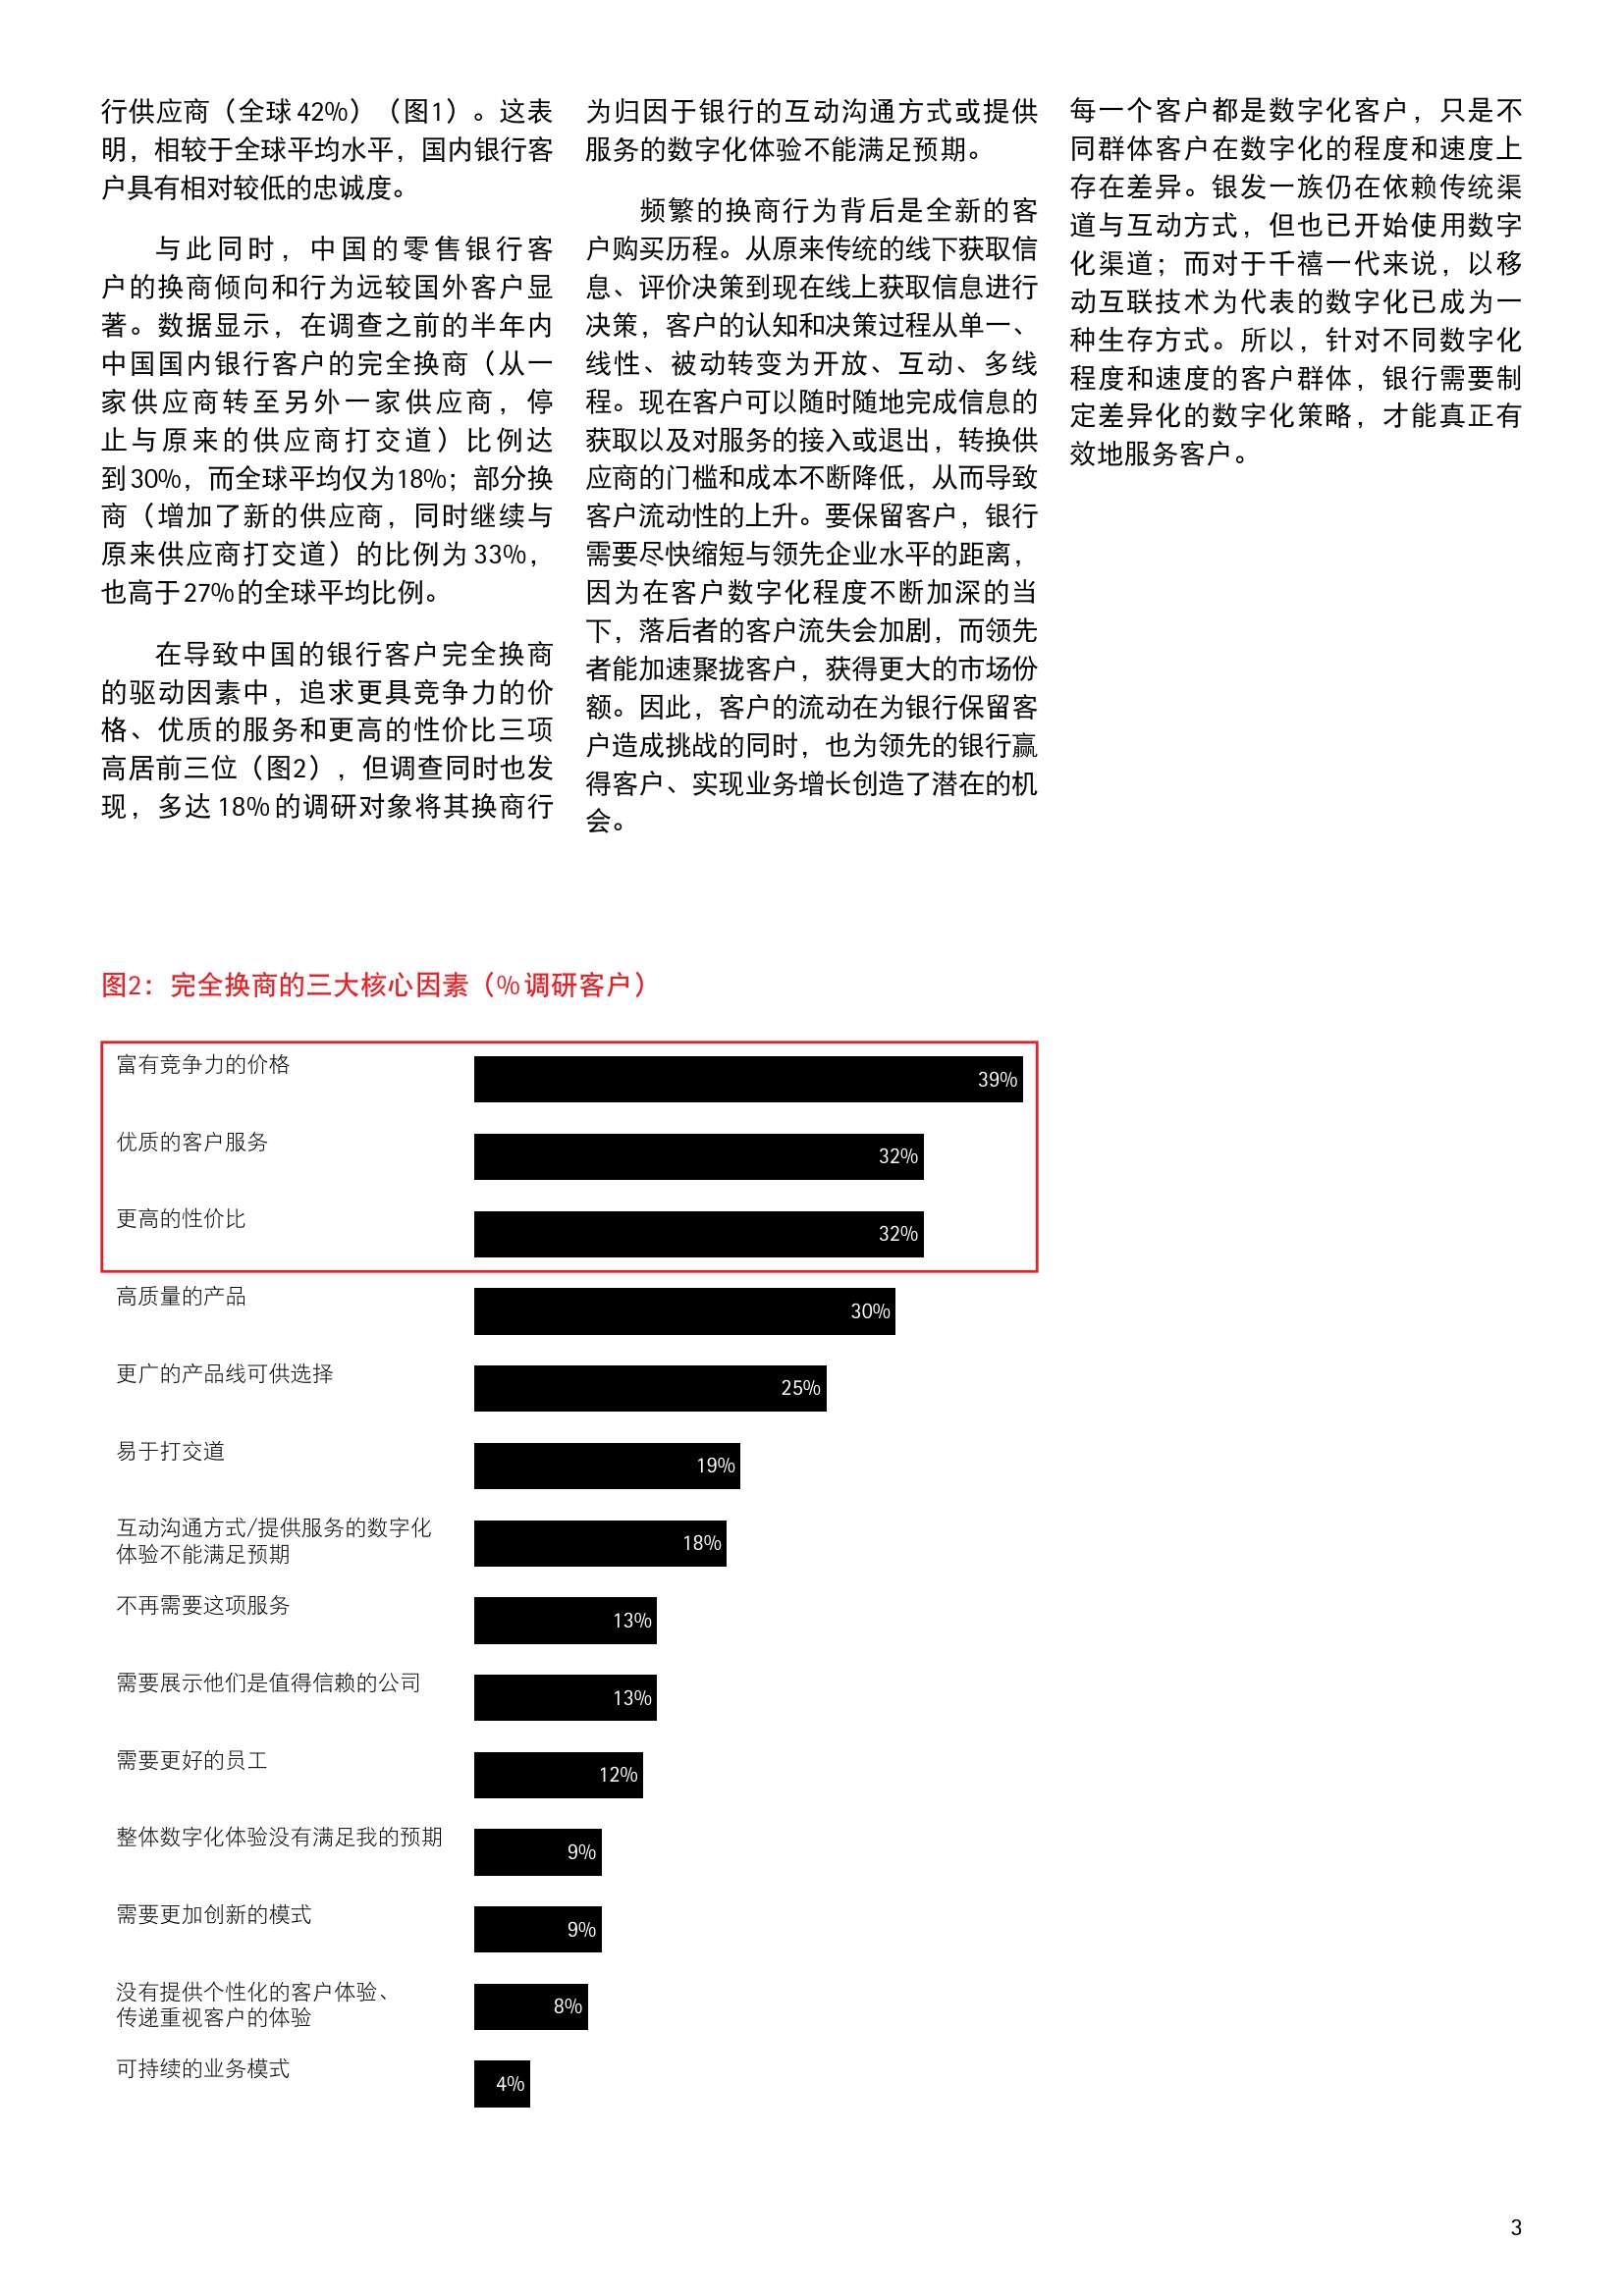 埃森哲中国零售银行数字化消费者调研_000003